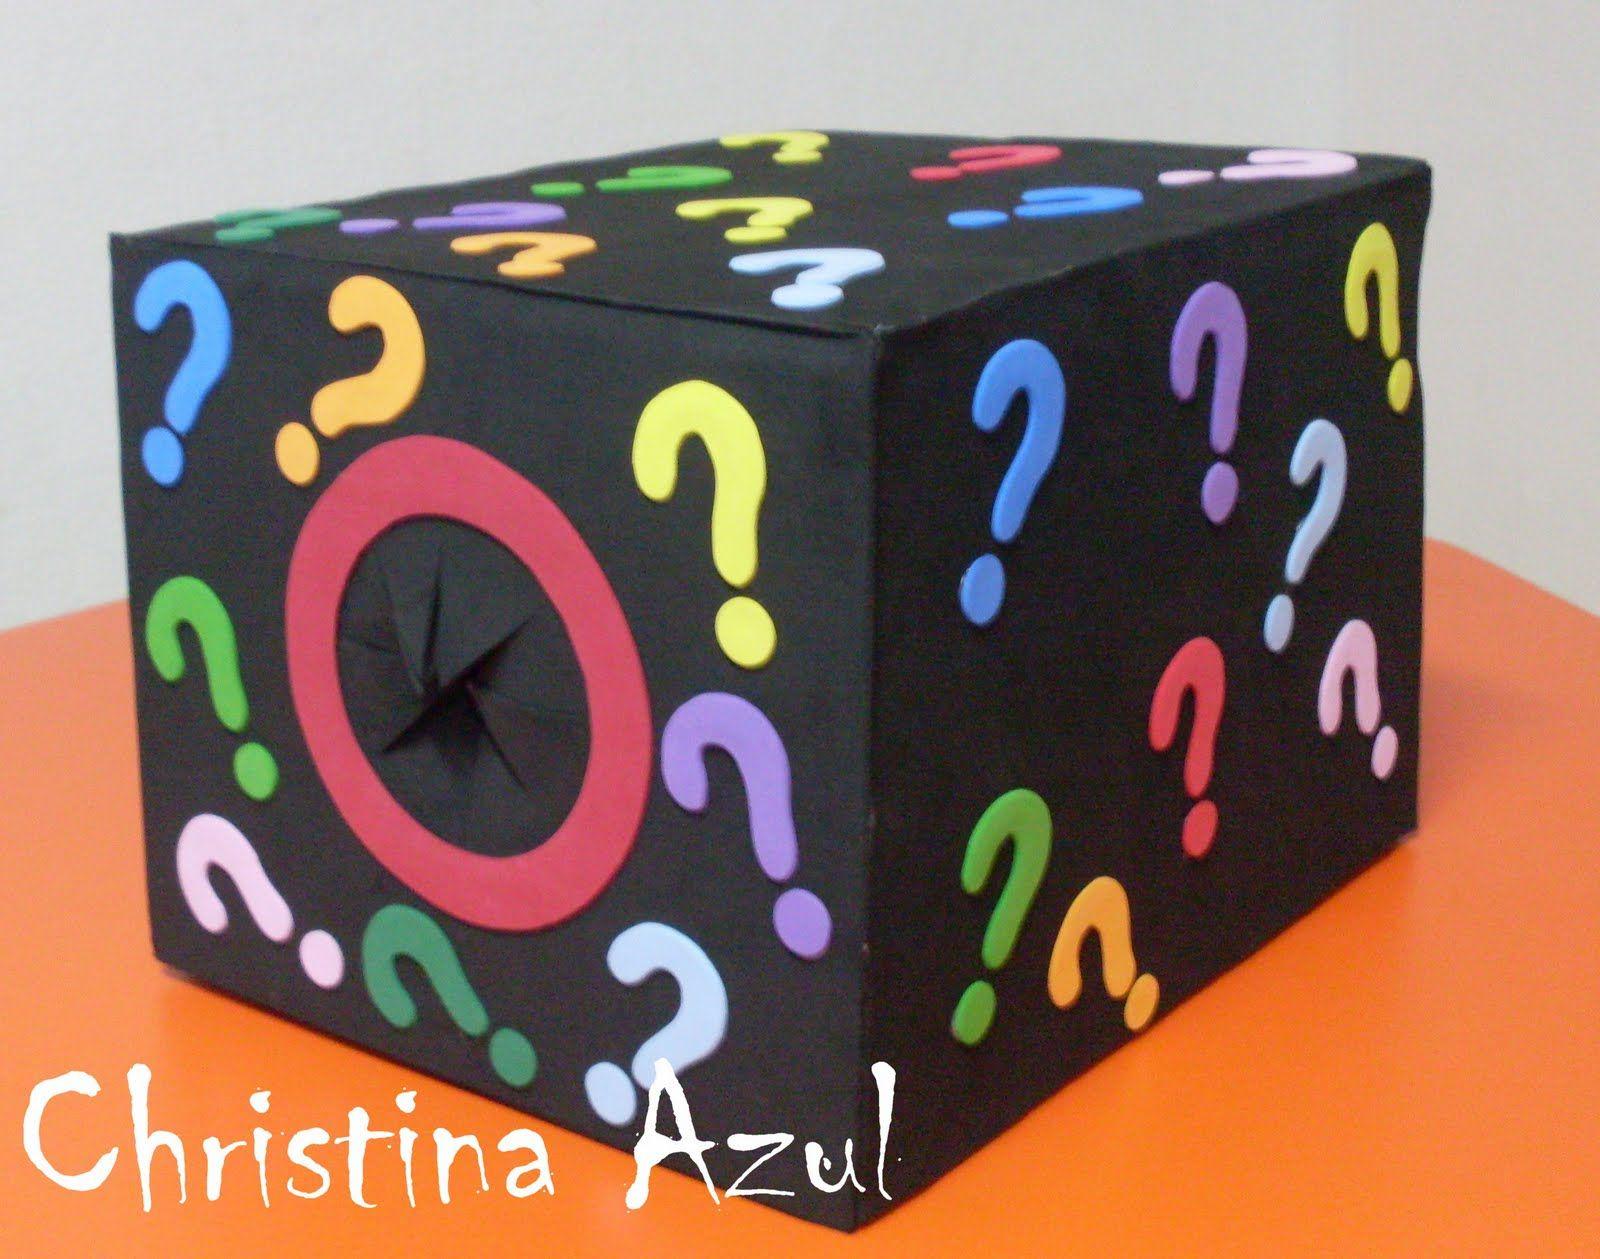 fd0ca09c3ee Christina Azul  Caixa surpresa em EVA